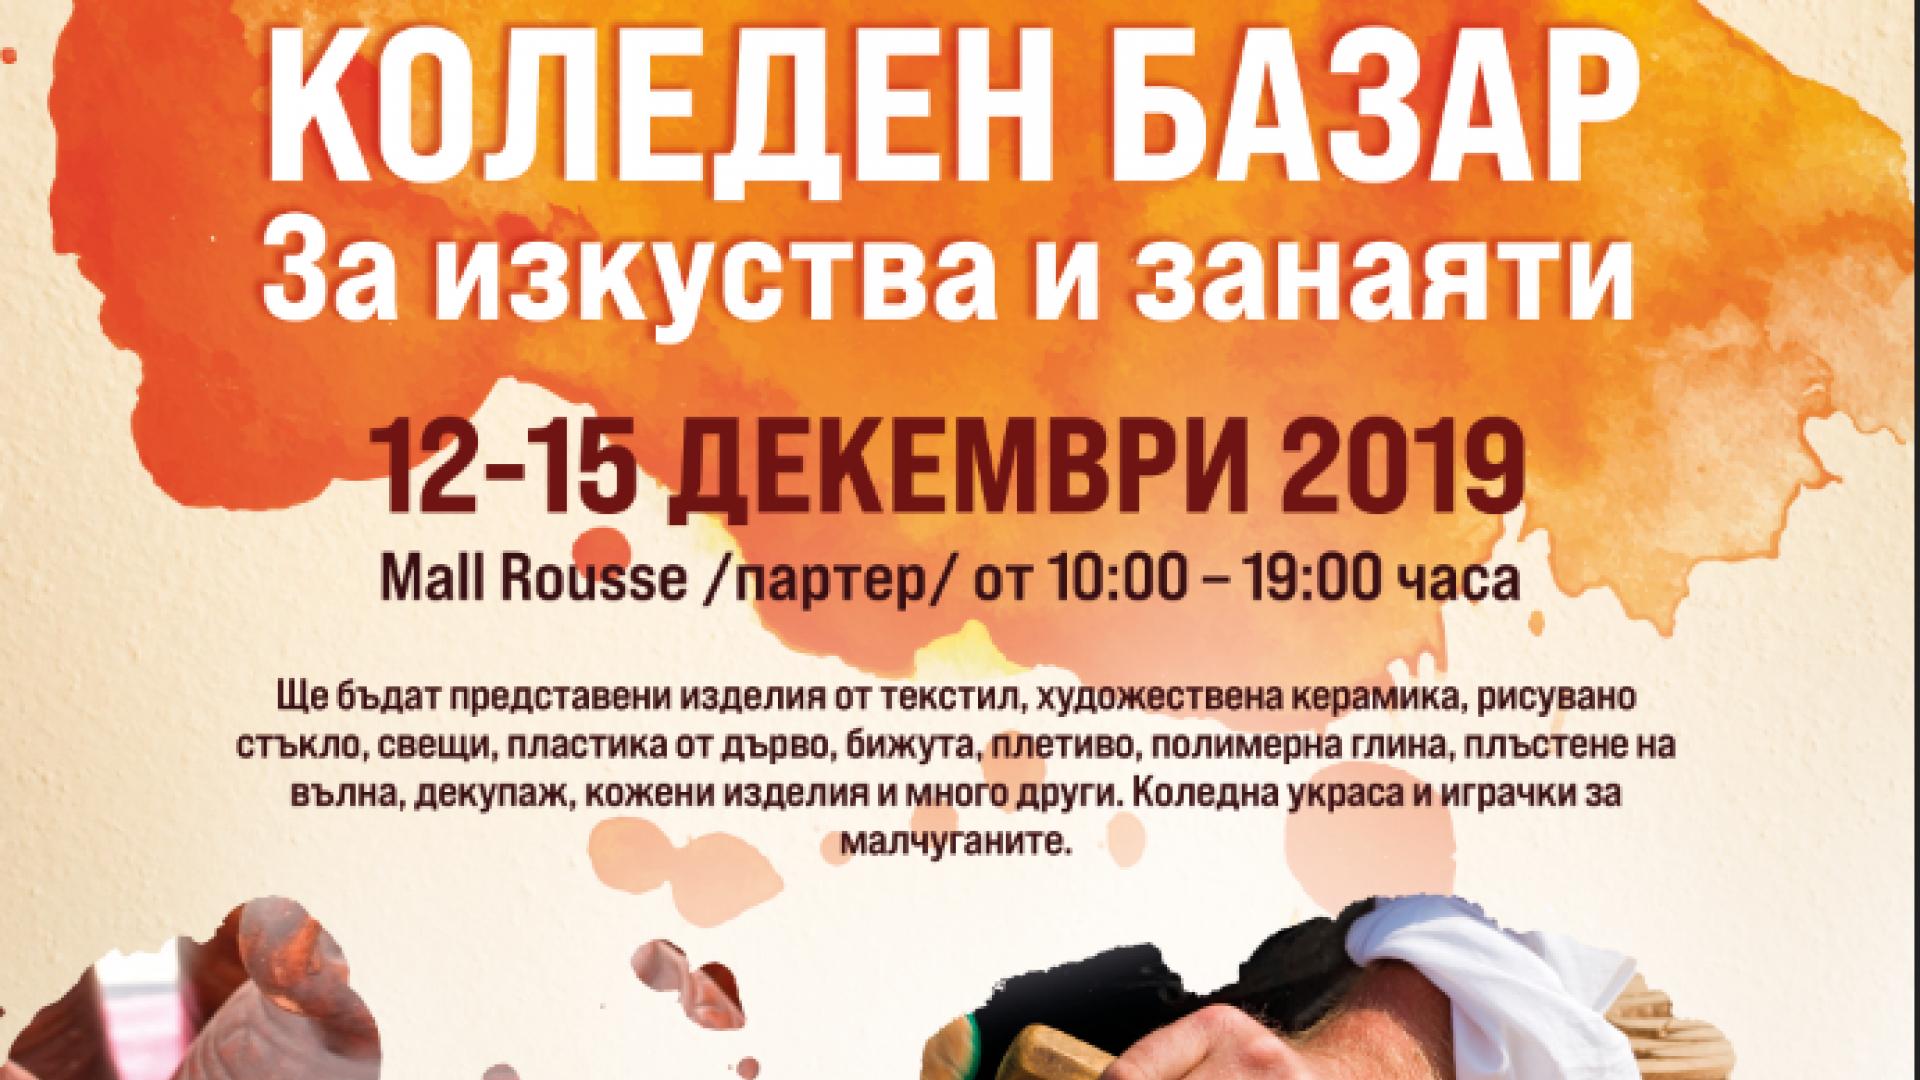 Коледен базар за изкуства и занаяти отваря врати в Русе